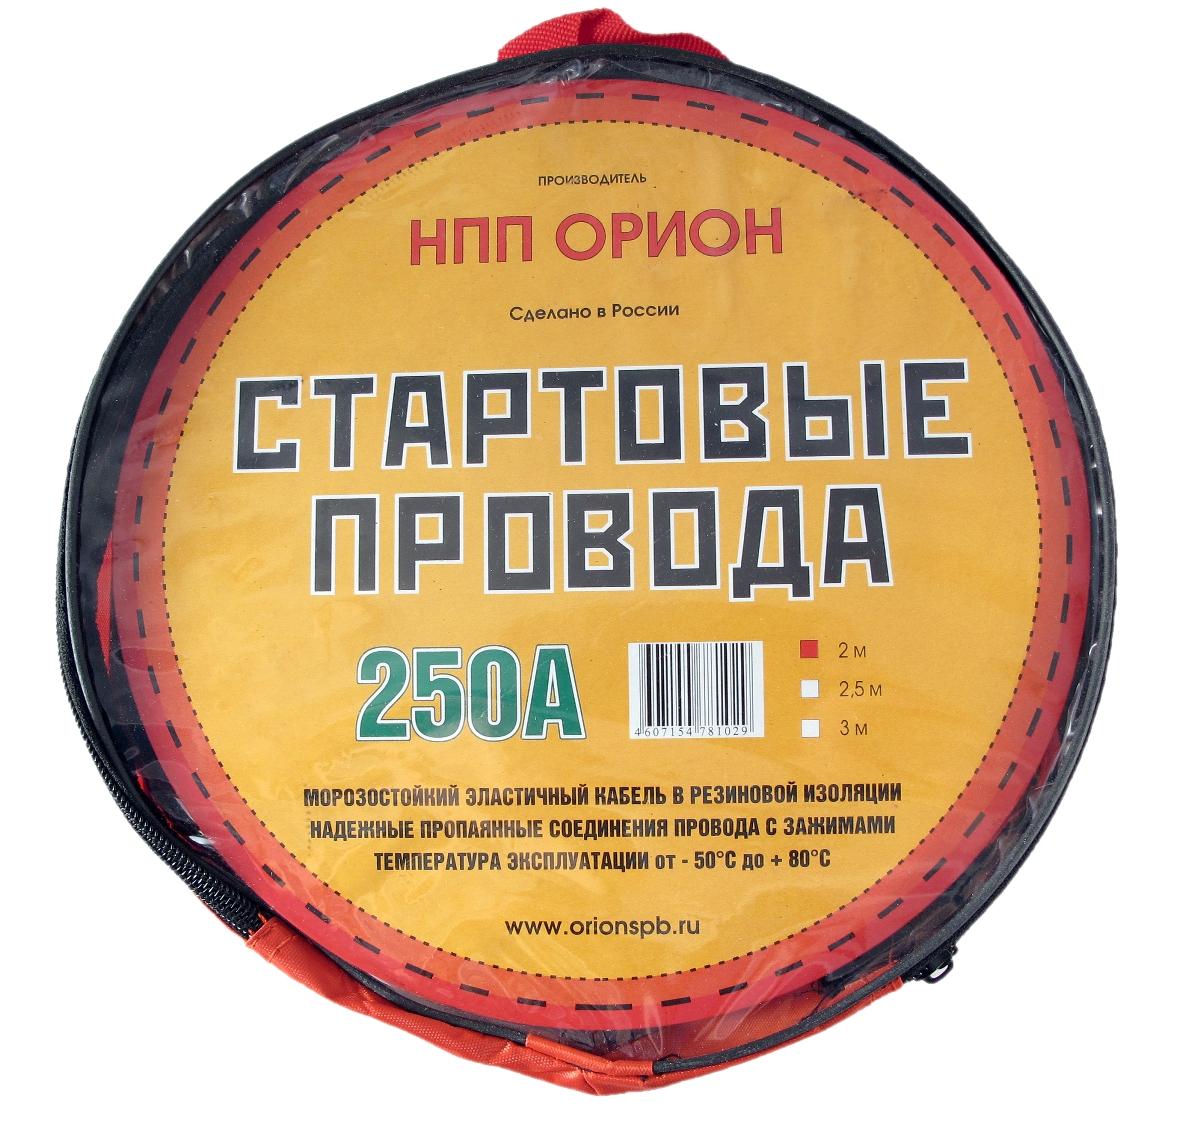 """Орион авто Стартовые провода """"Орион"""", хладостойкие, в сумке, 250А, 2 м 5037"""